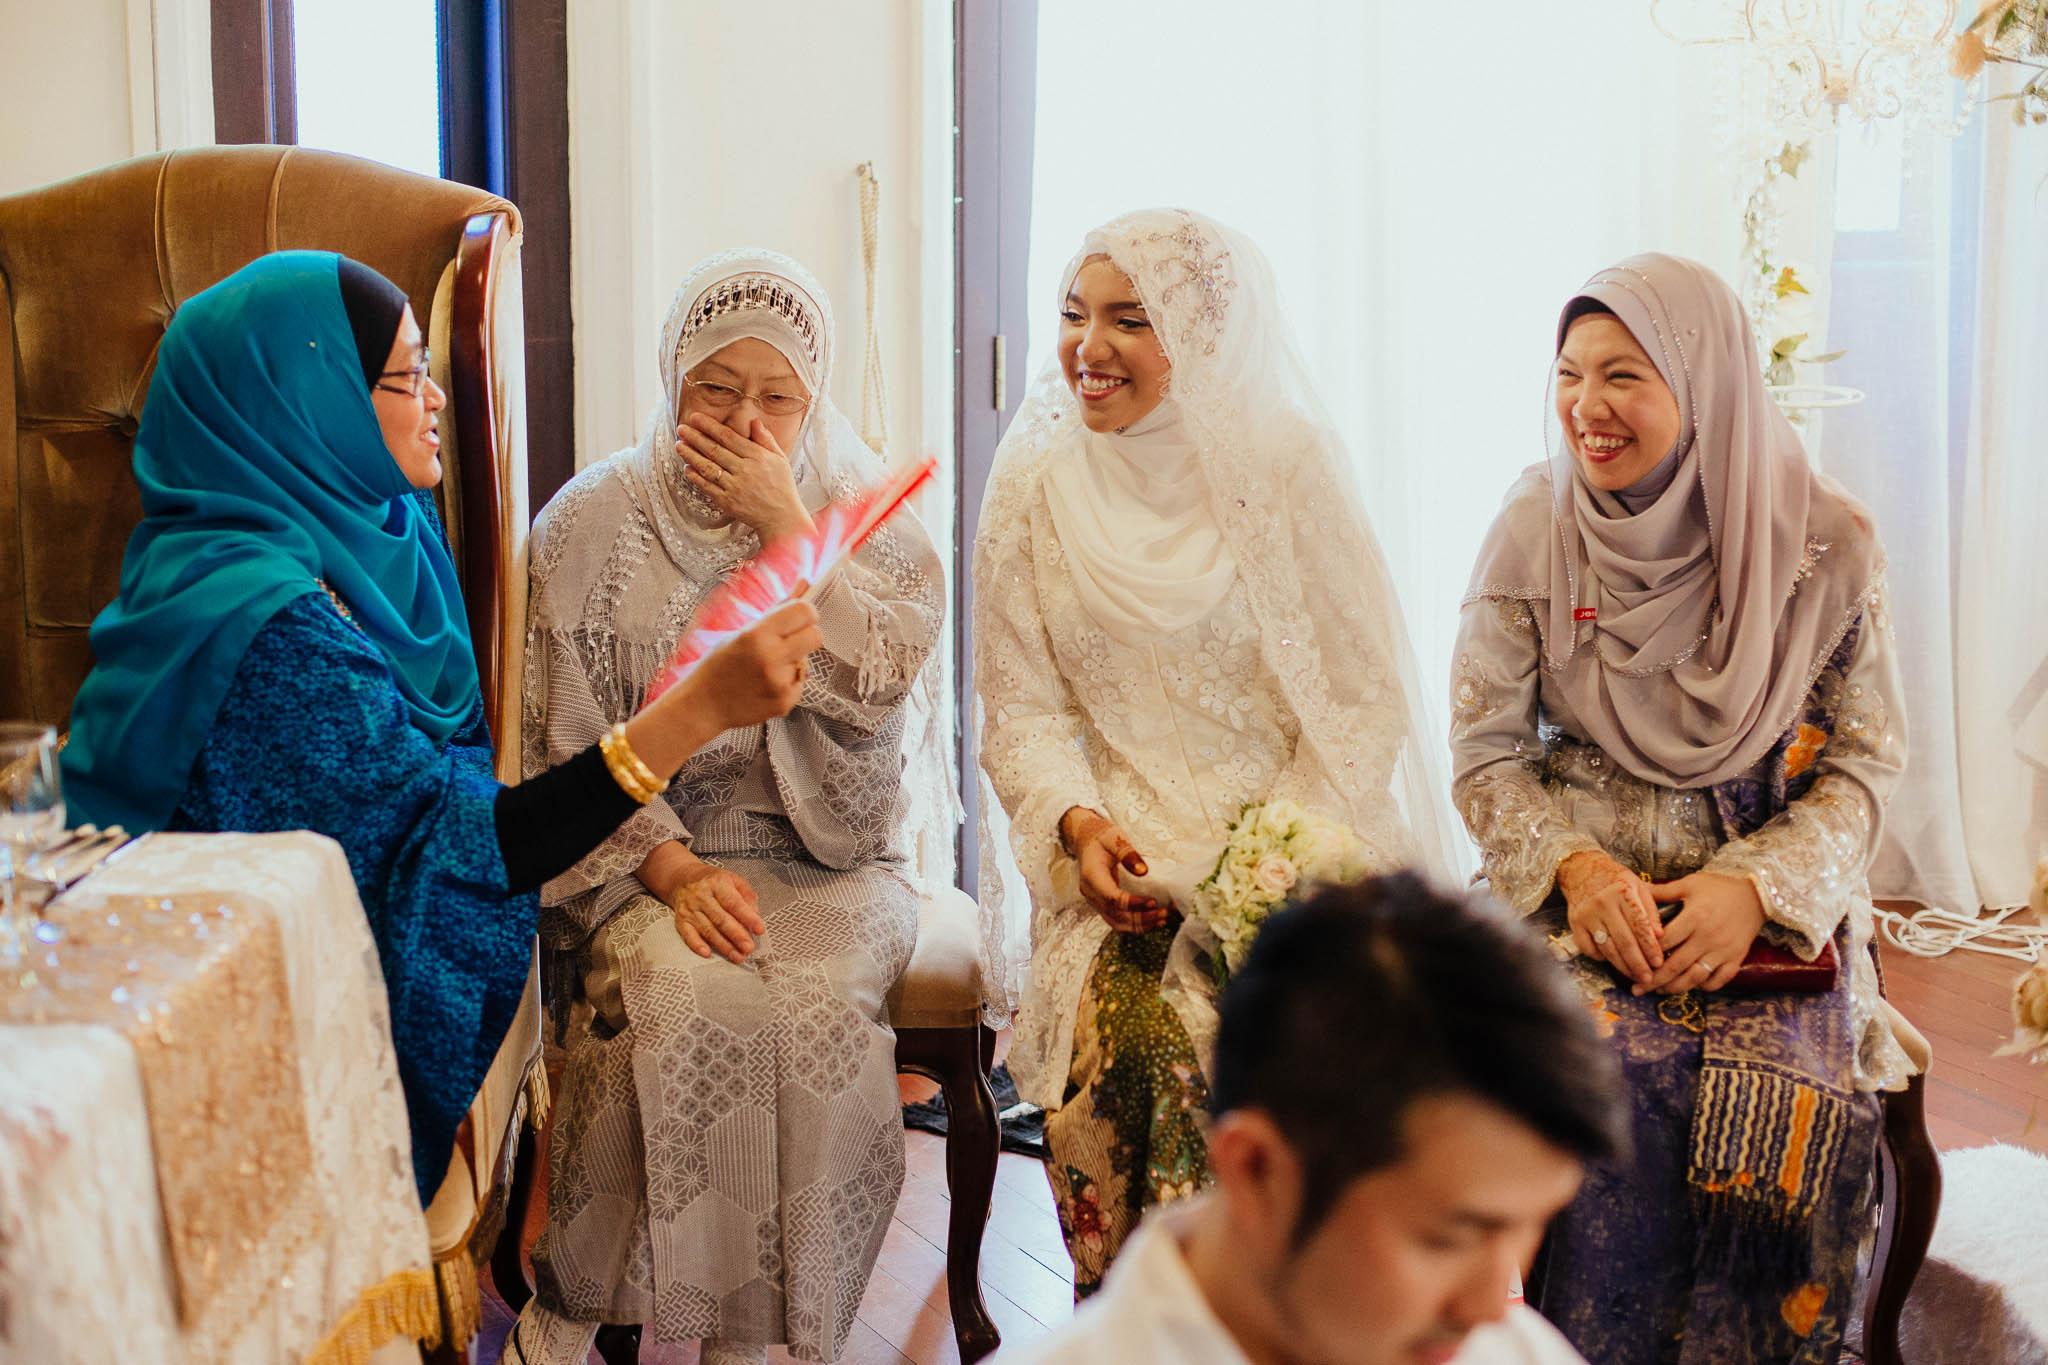 singapore-wedding-photographer-travel-wemadethese-atara-hafizah-23.jpg